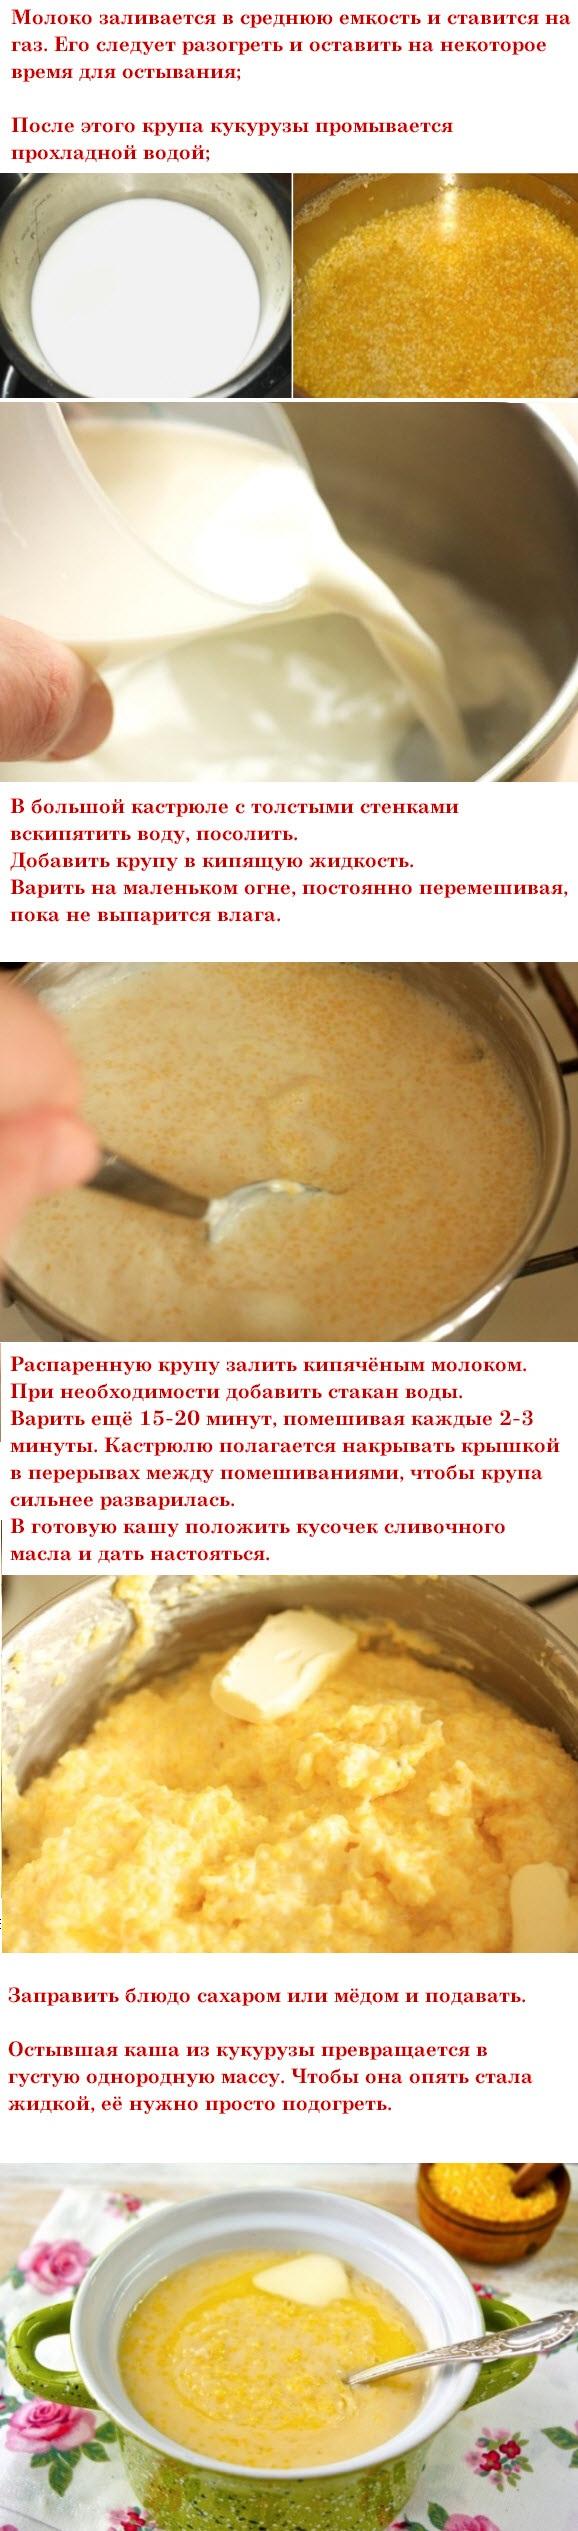 Кукурузная каша на молоке. Польза для детей и взрослых, рецепт пошагово с фото